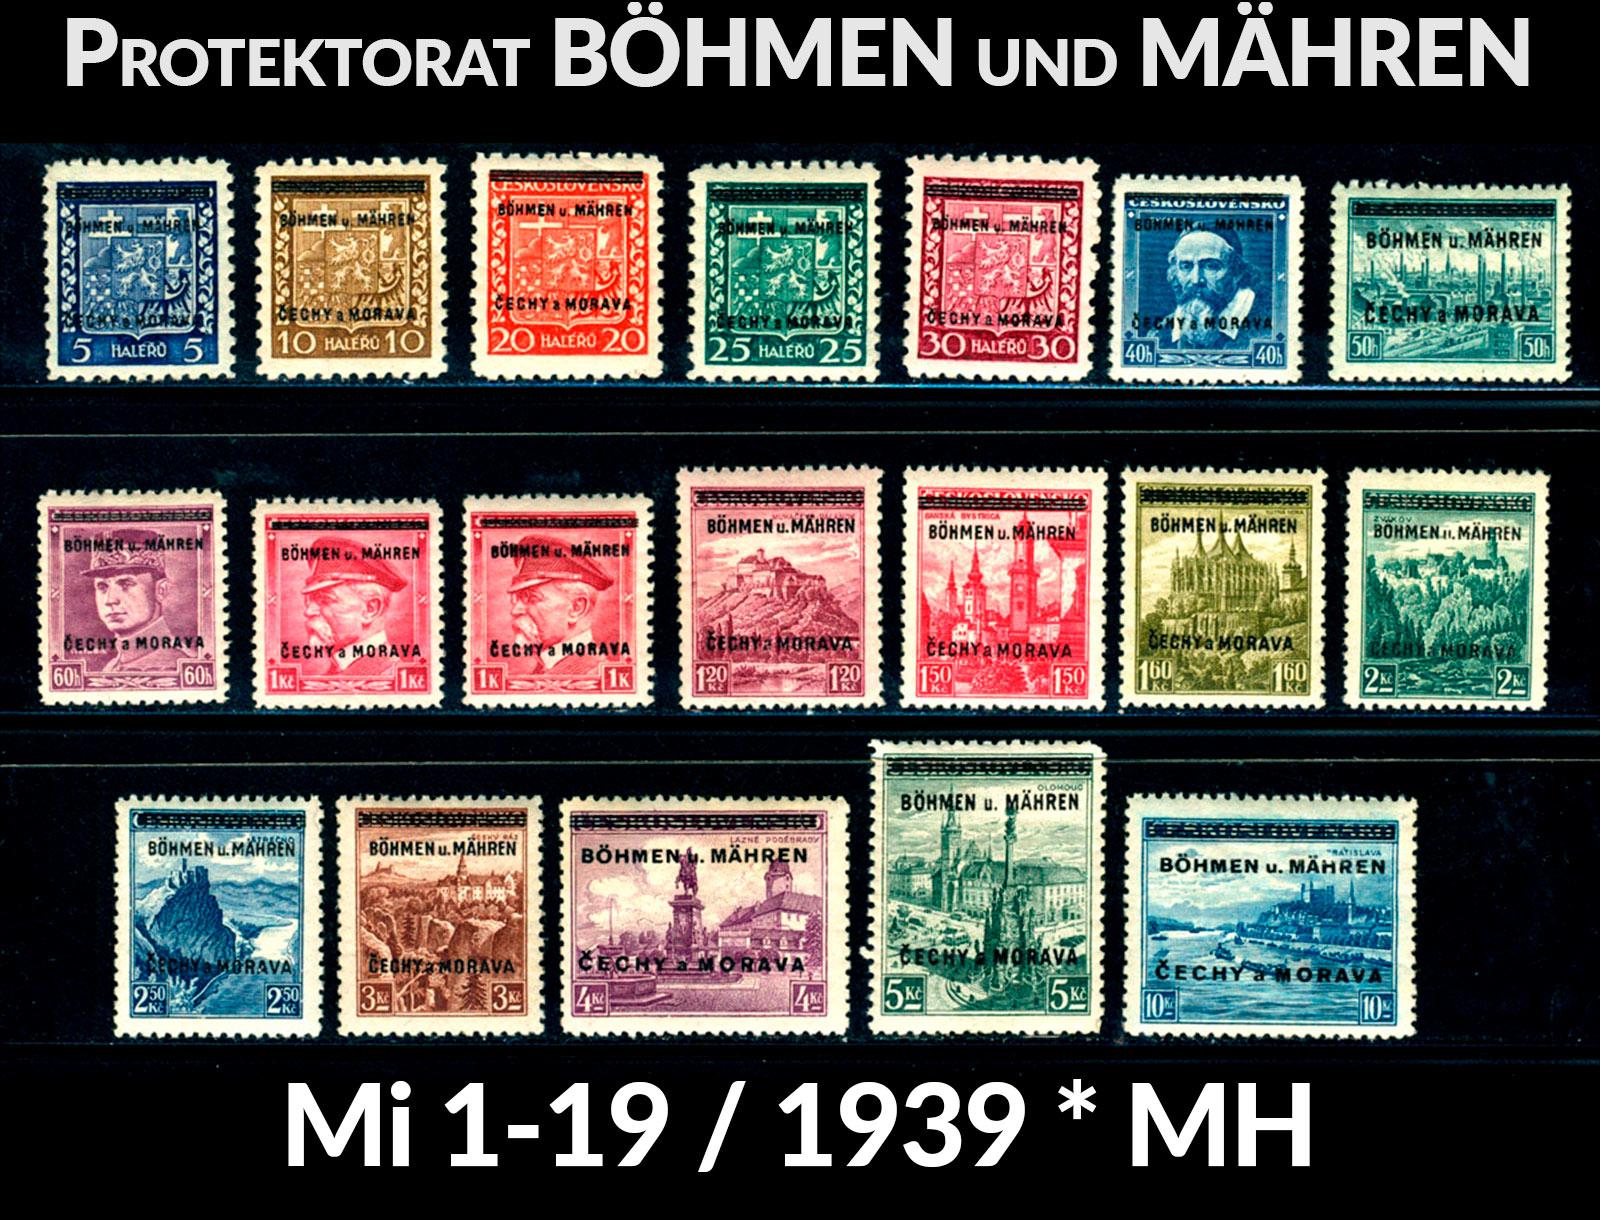 Protektorat Böhmen und Mähren Mi. 1-19 *MH 1939